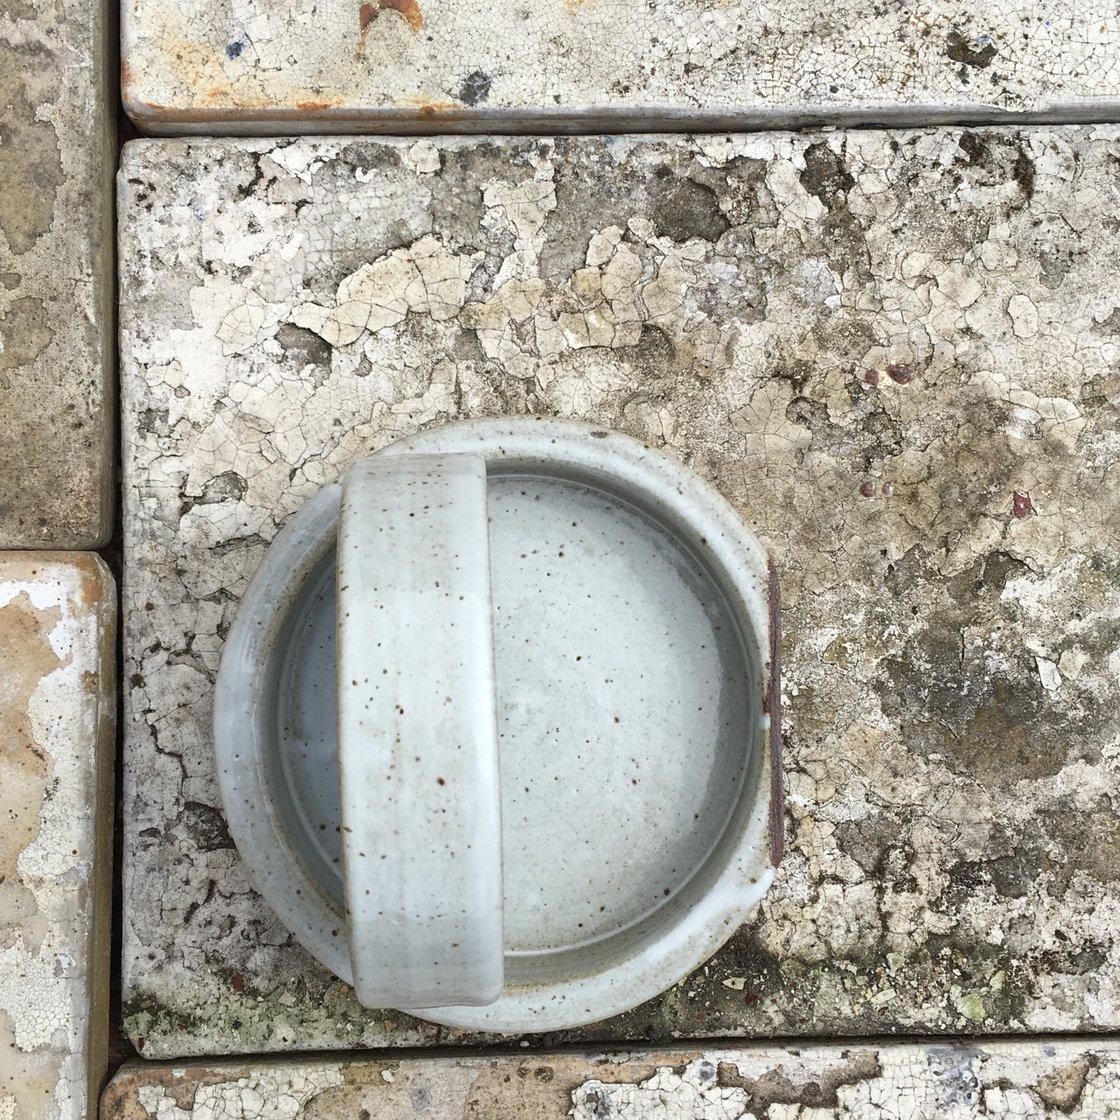 Image of Edge trays